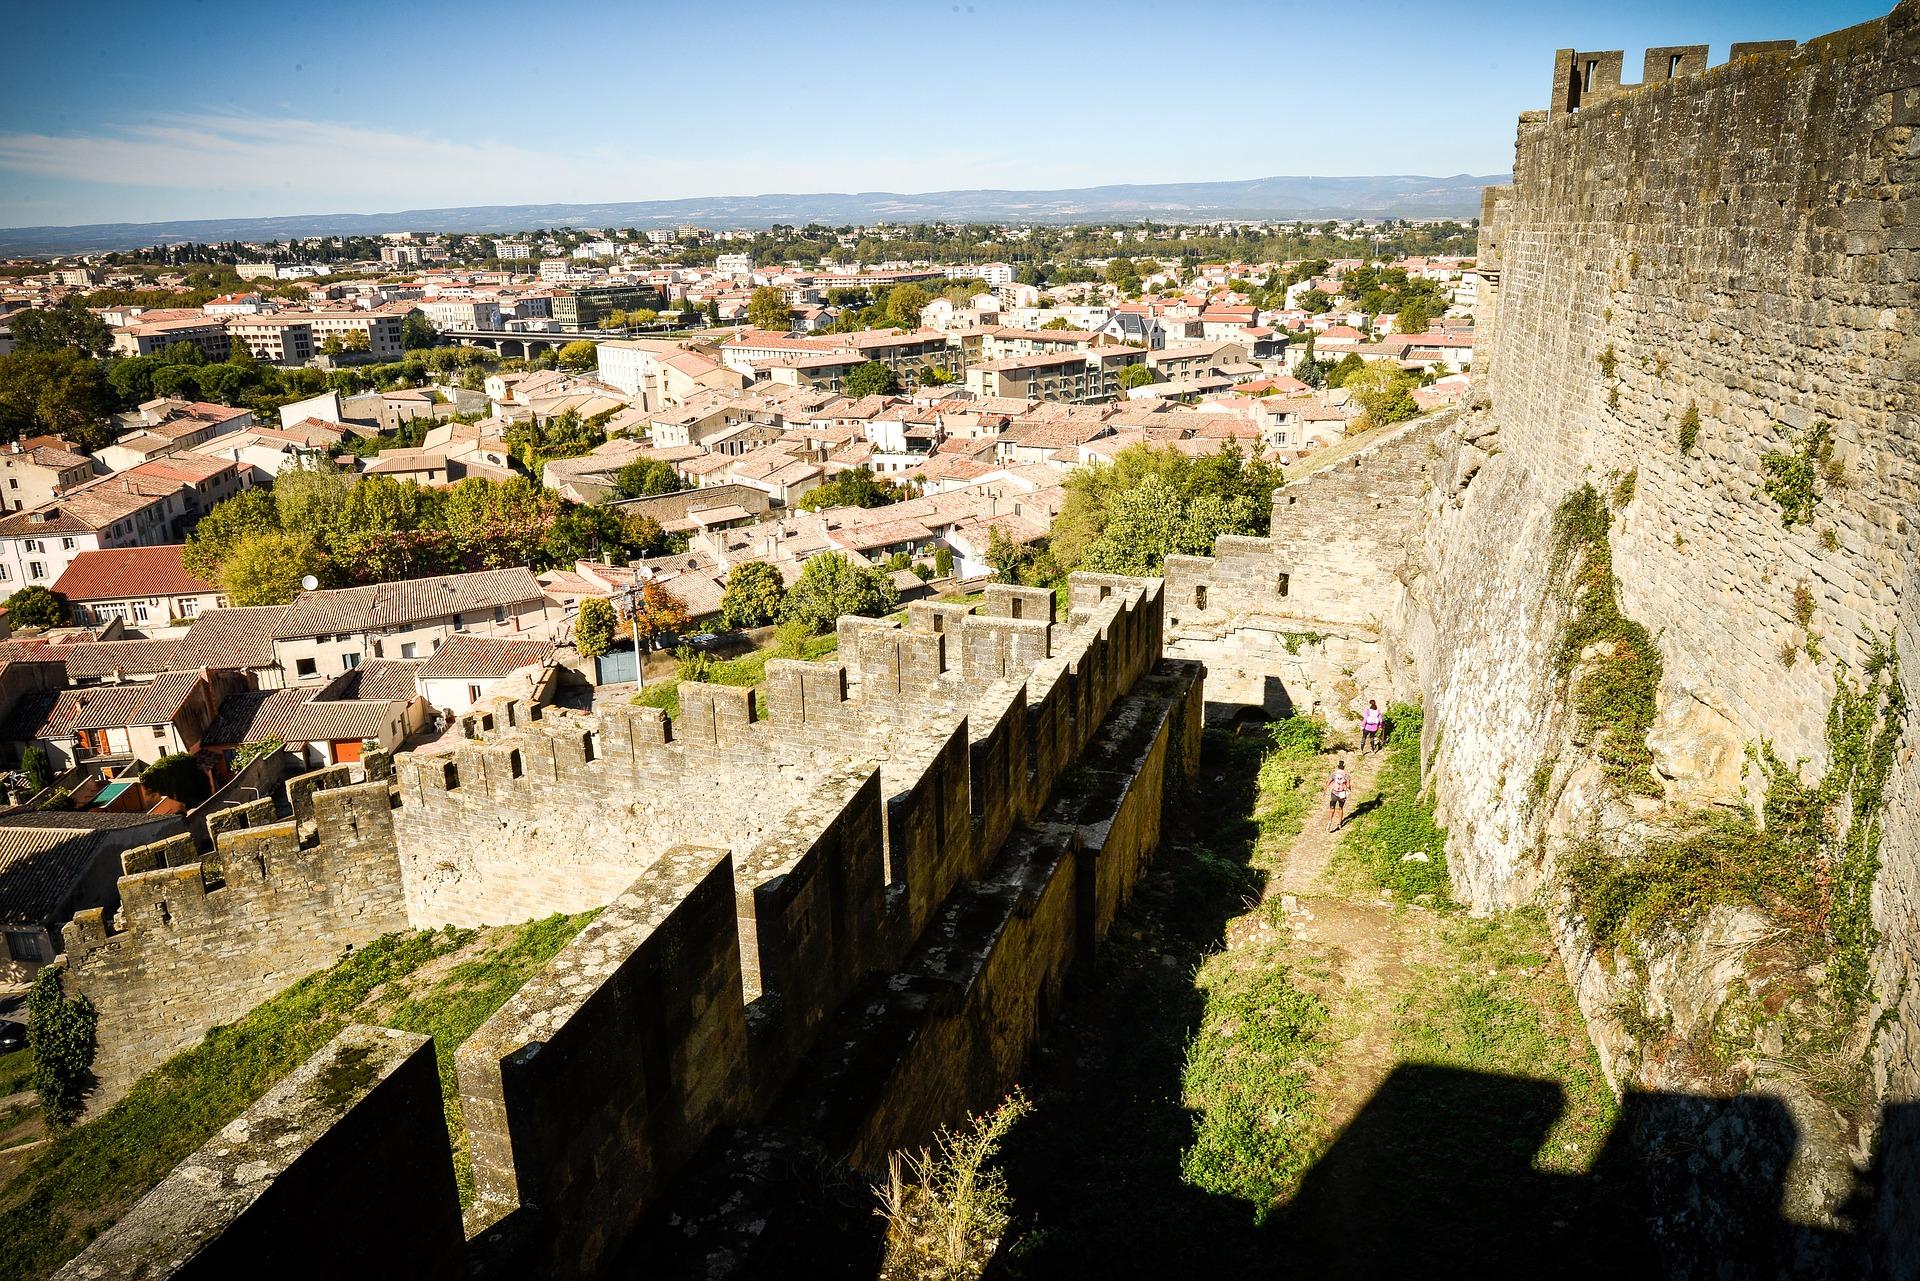 La ville médiévale de Carcassonne attire de nombreux acheteurs